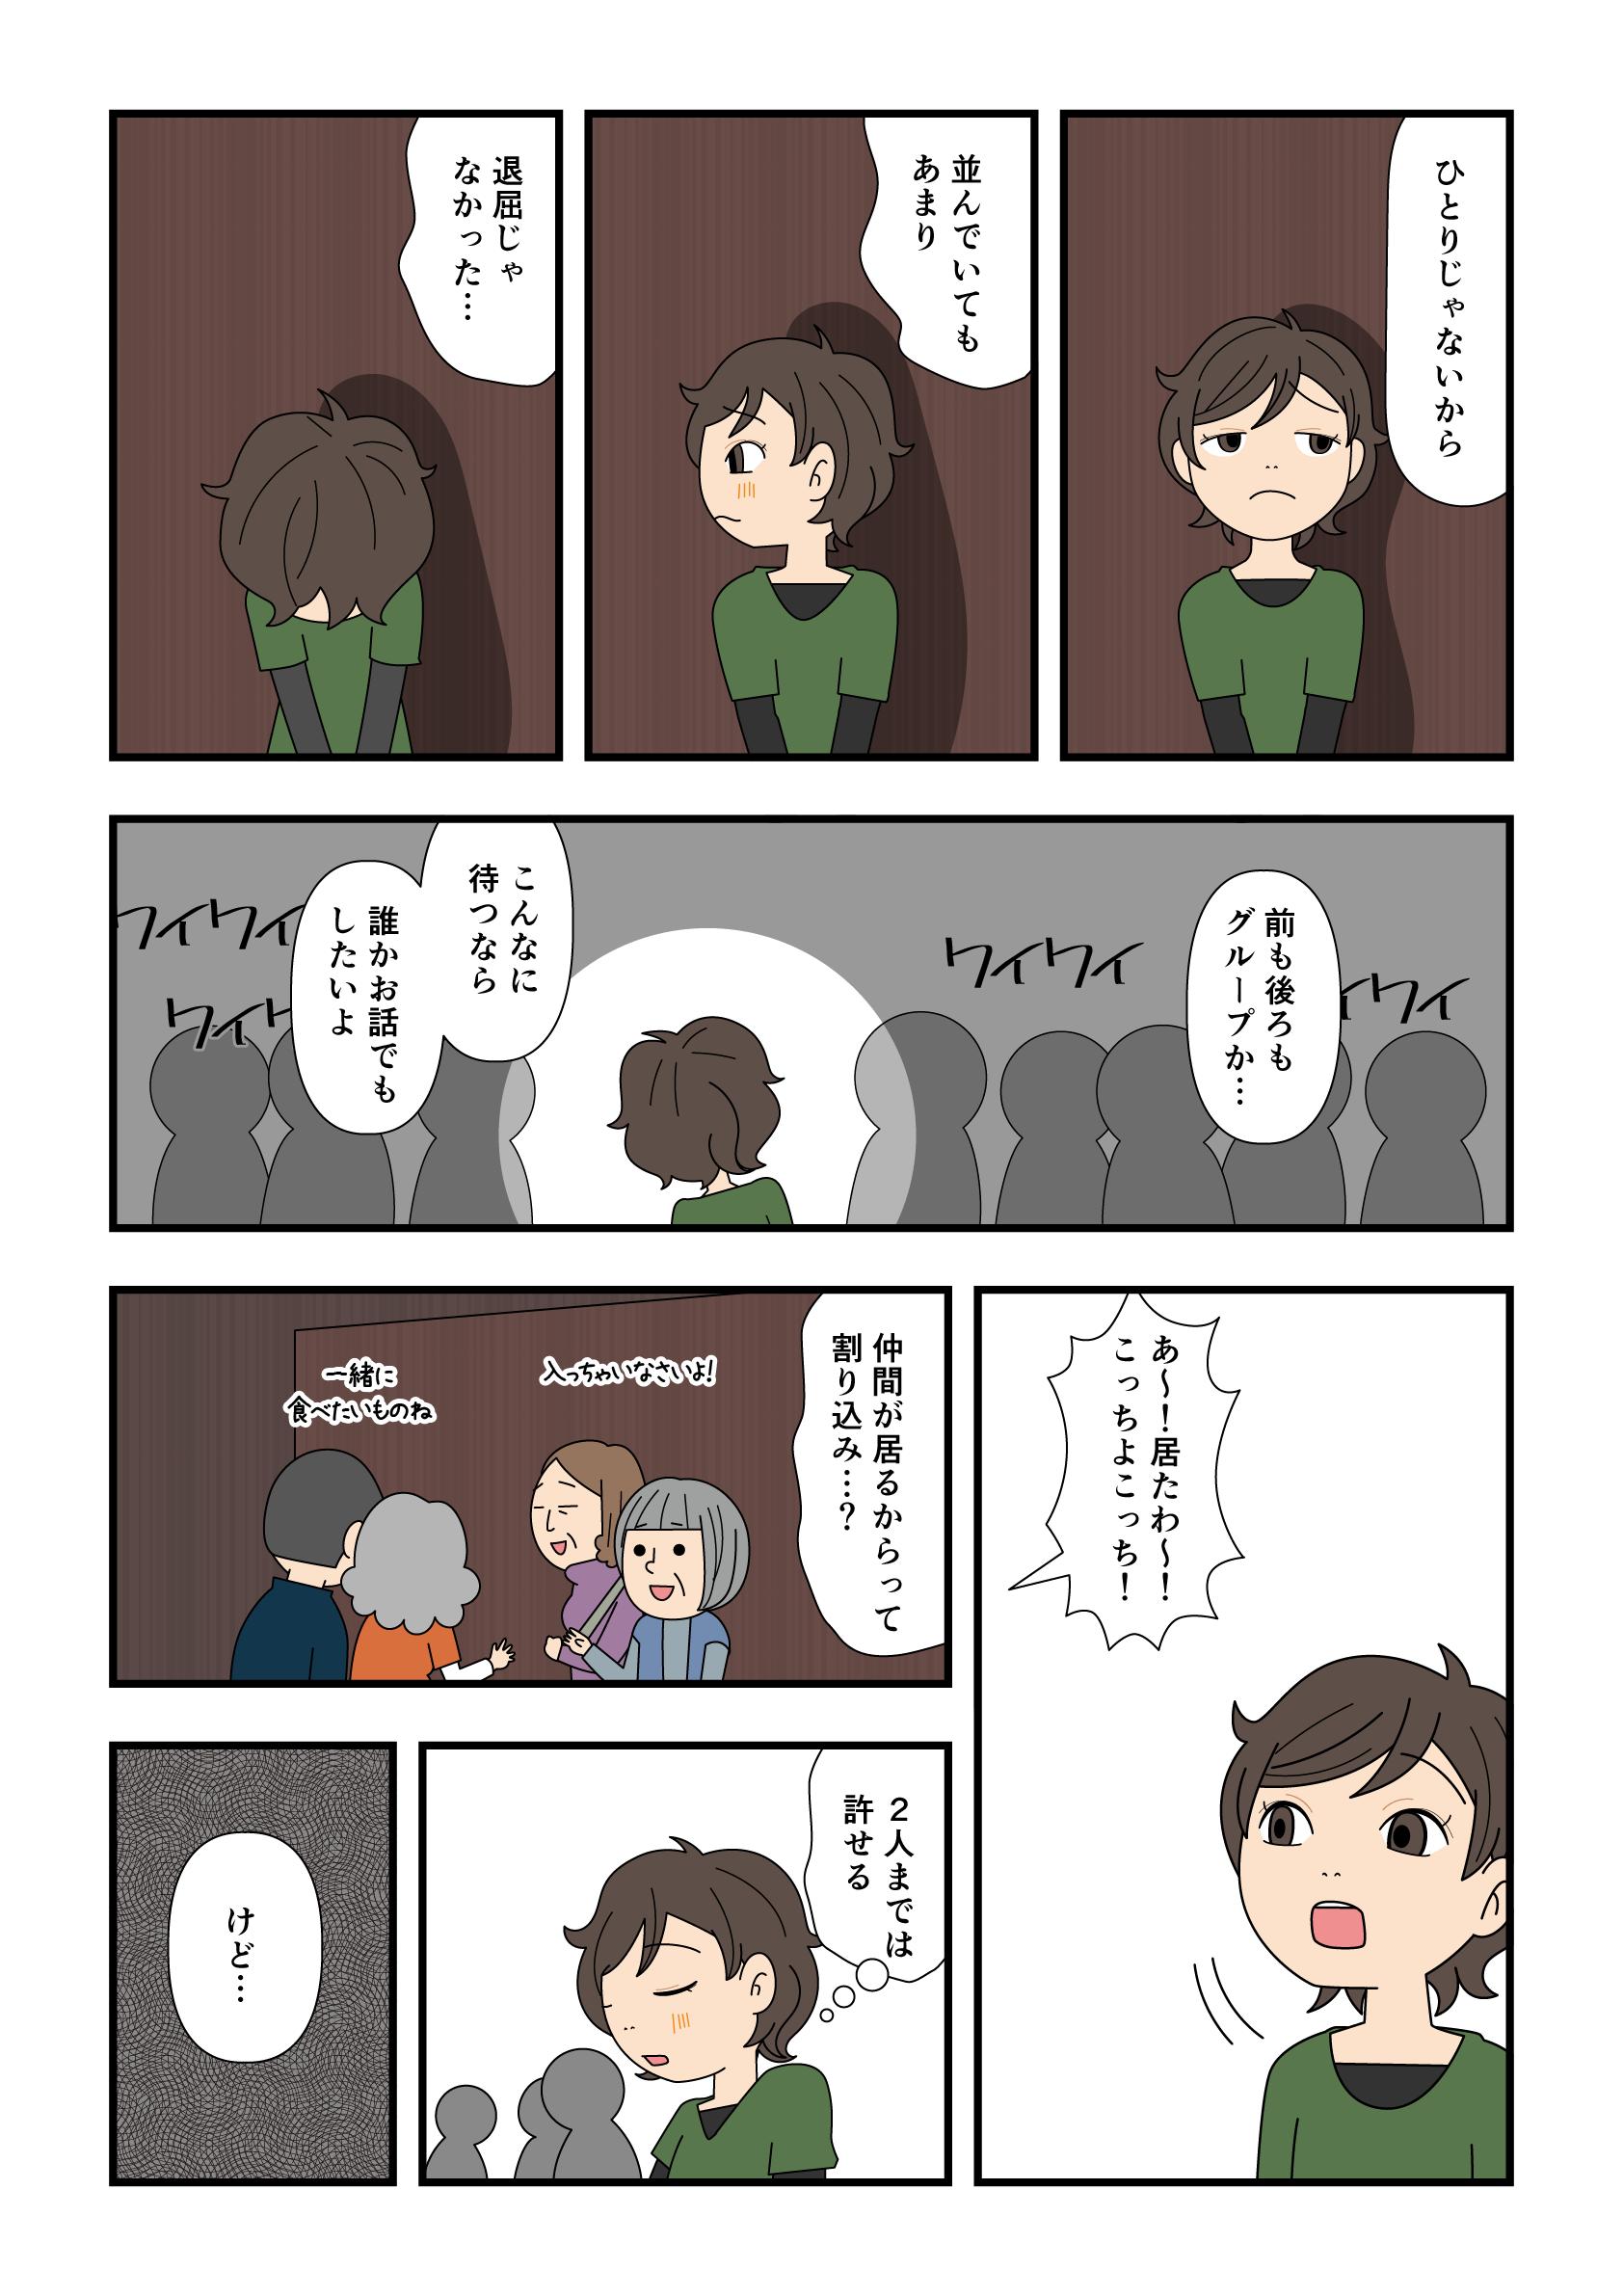 山小屋の晩御飯の列に並ぶ漫画2